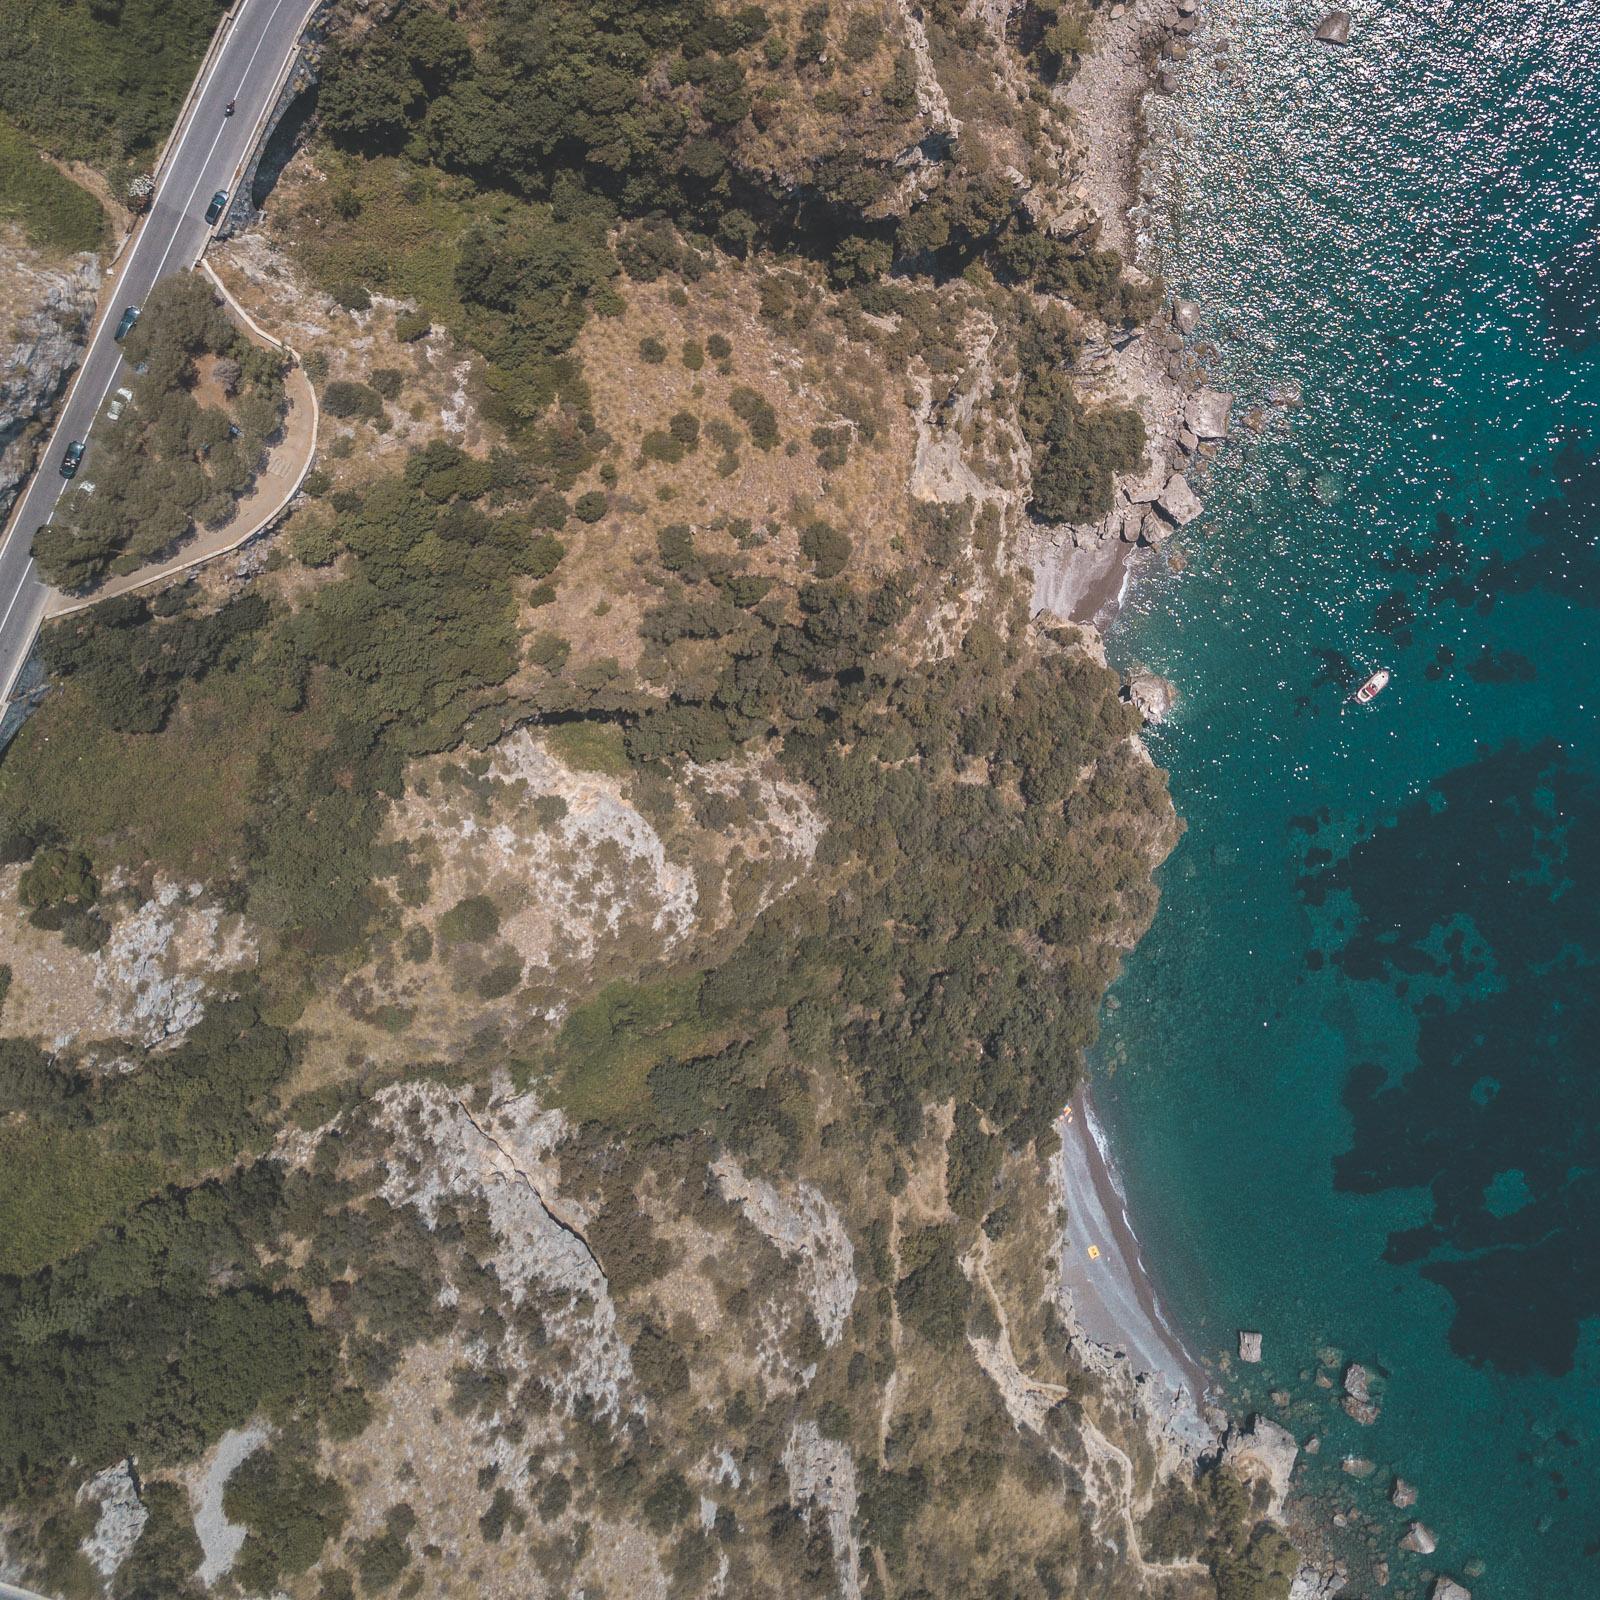 amalfi coast drone